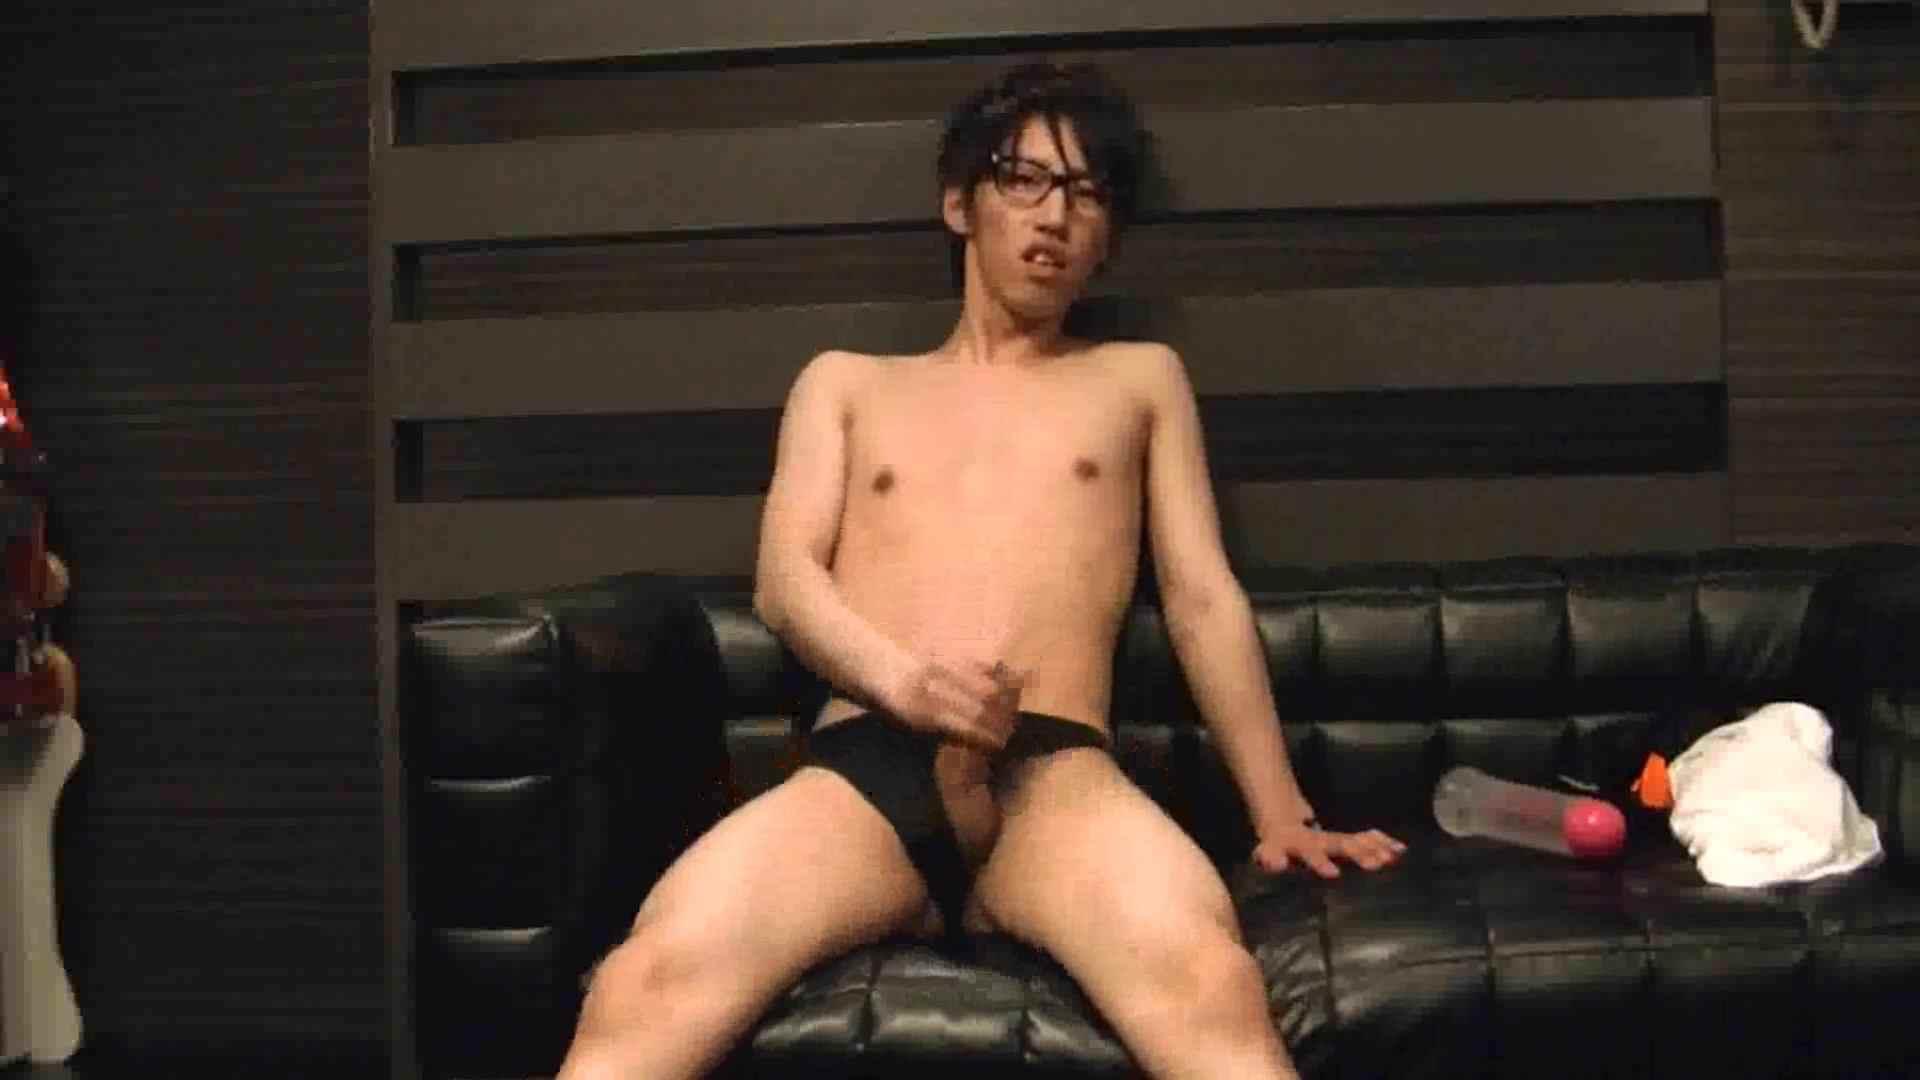 ONA見せカーニバル!! Vol3 ゲイのオナニー映像  103枚 6